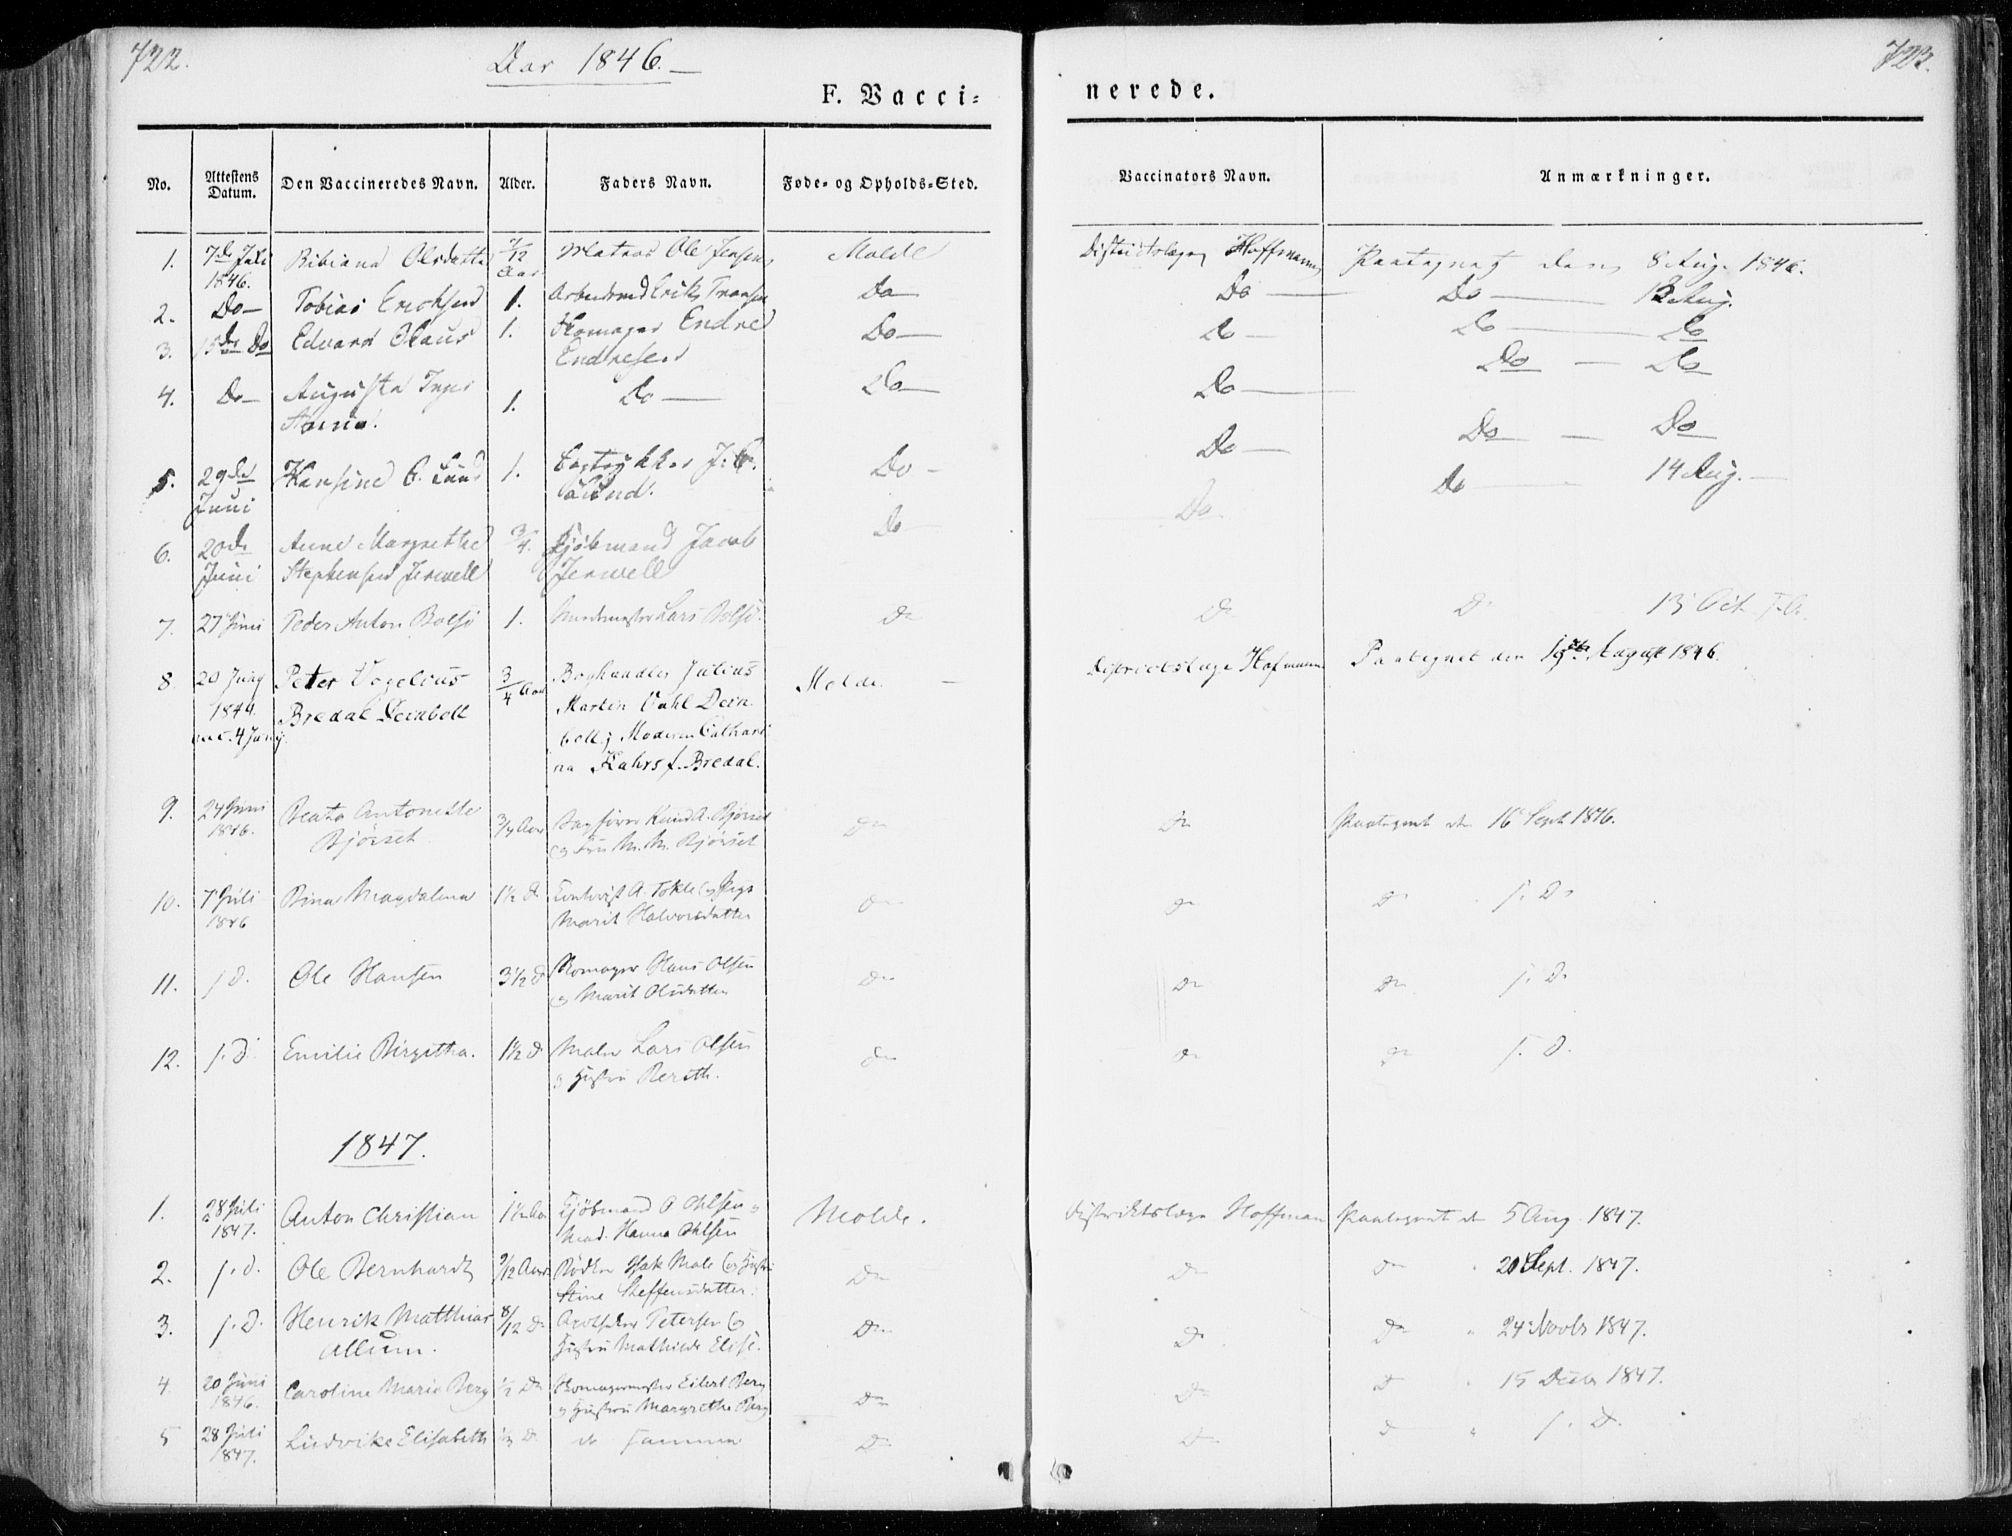 SAT, Ministerialprotokoller, klokkerbøker og fødselsregistre - Møre og Romsdal, 558/L0689: Ministerialbok nr. 558A03, 1843-1872, s. 722-723